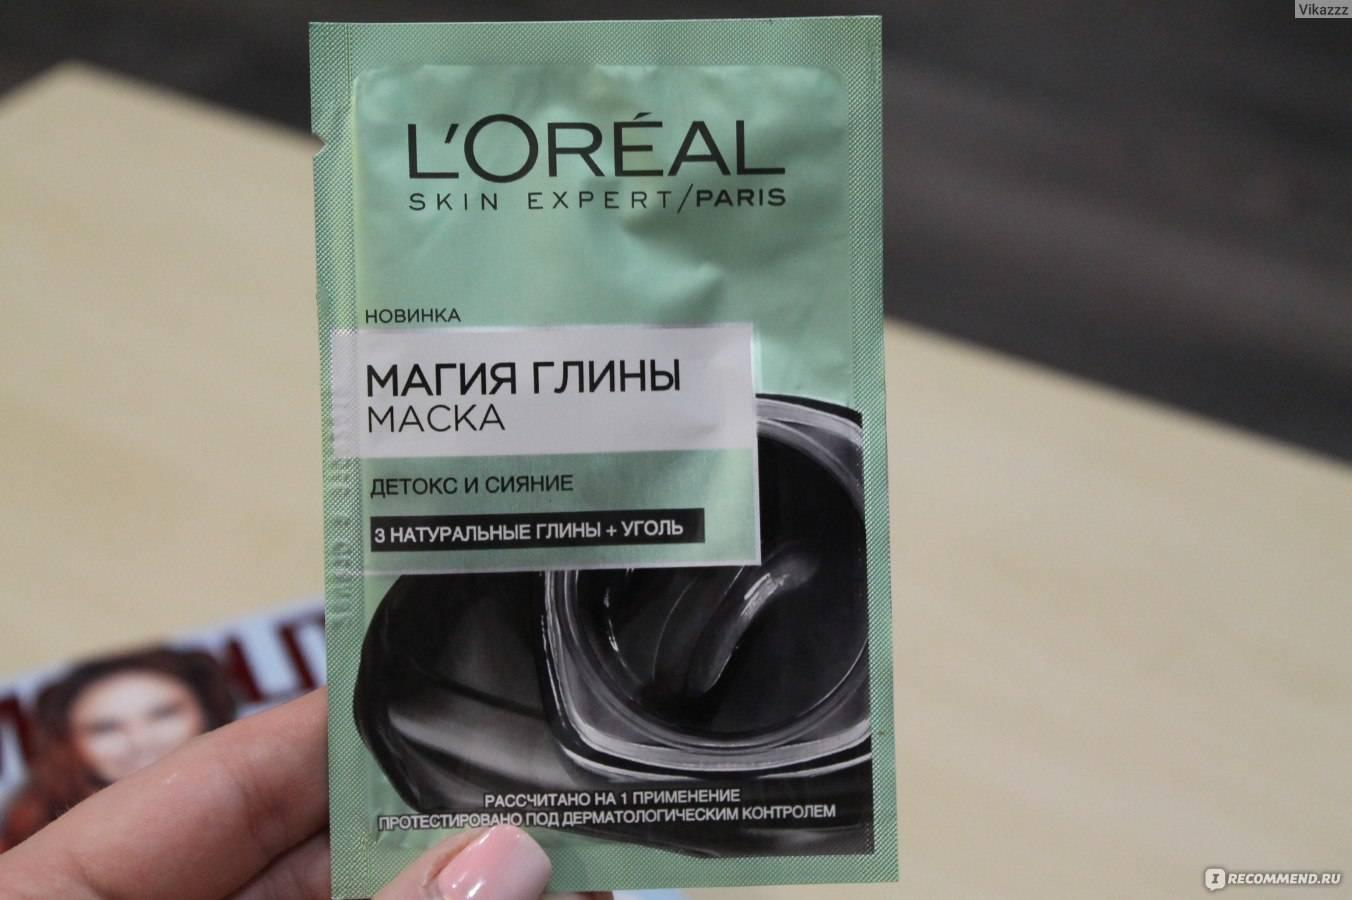 Магия глины лореаль (loreal): 3 маски и скраба для лица, отзывы